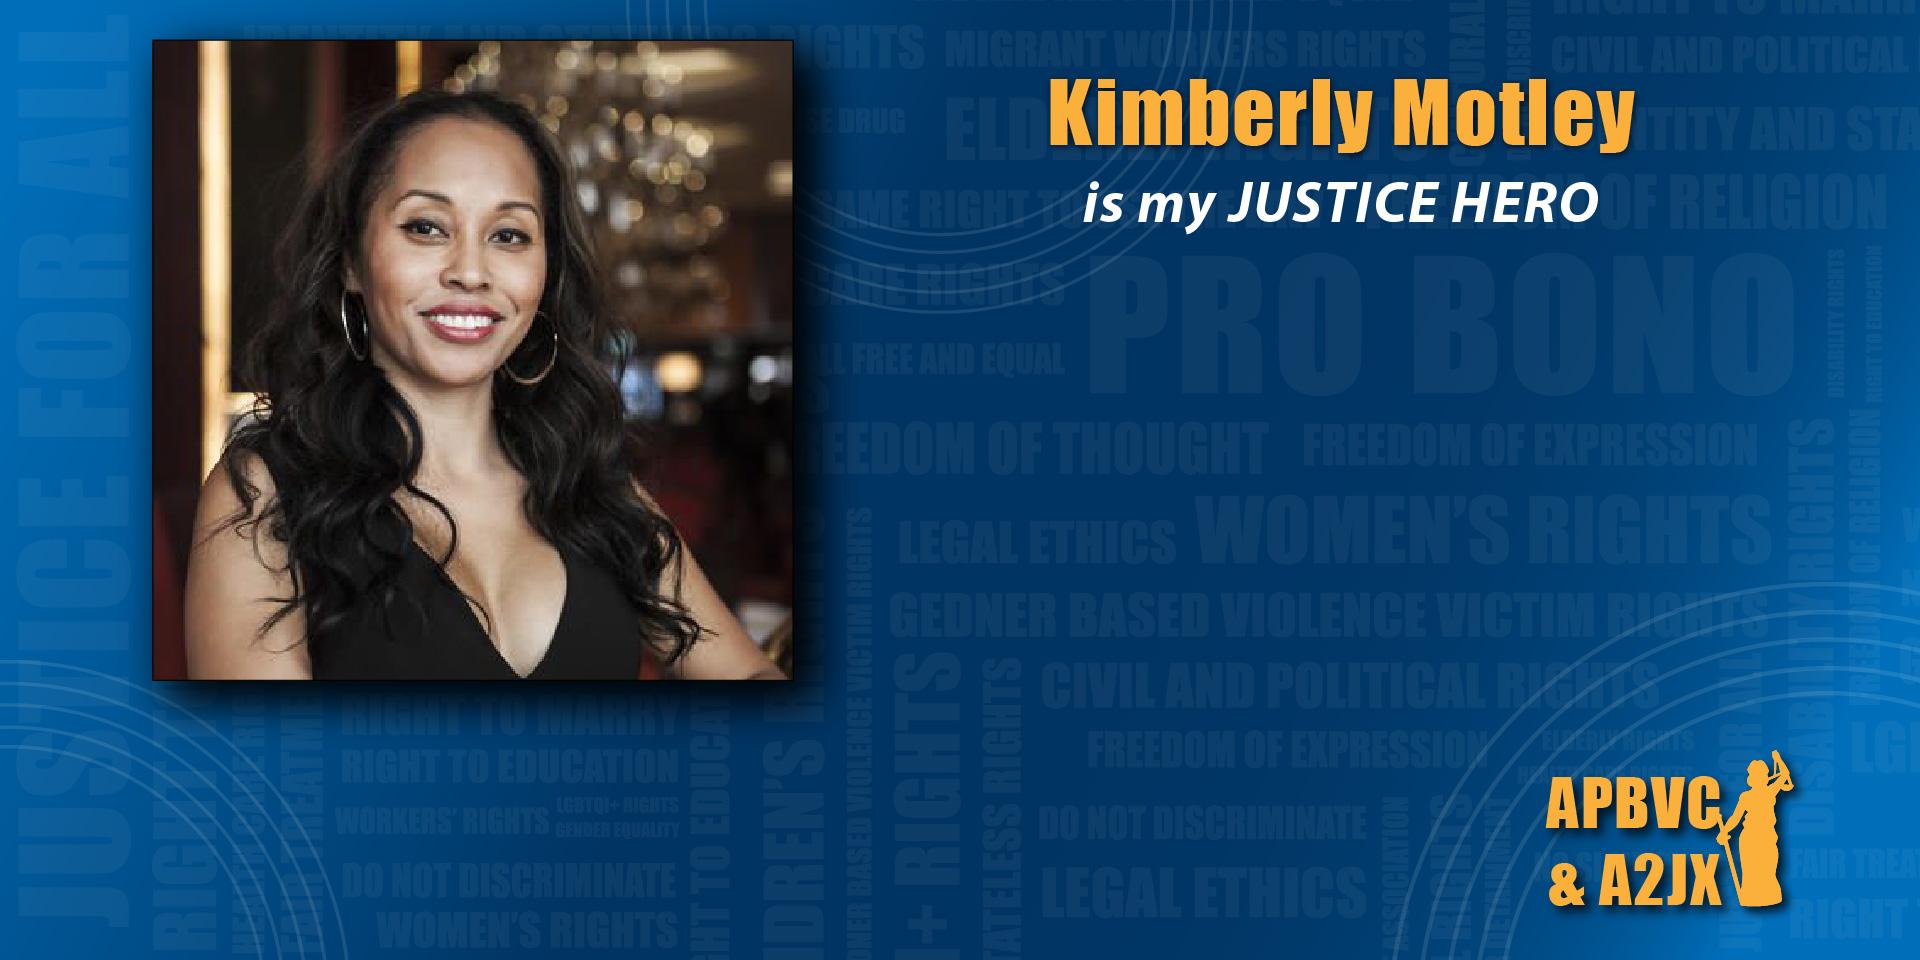 Kimberly Motley